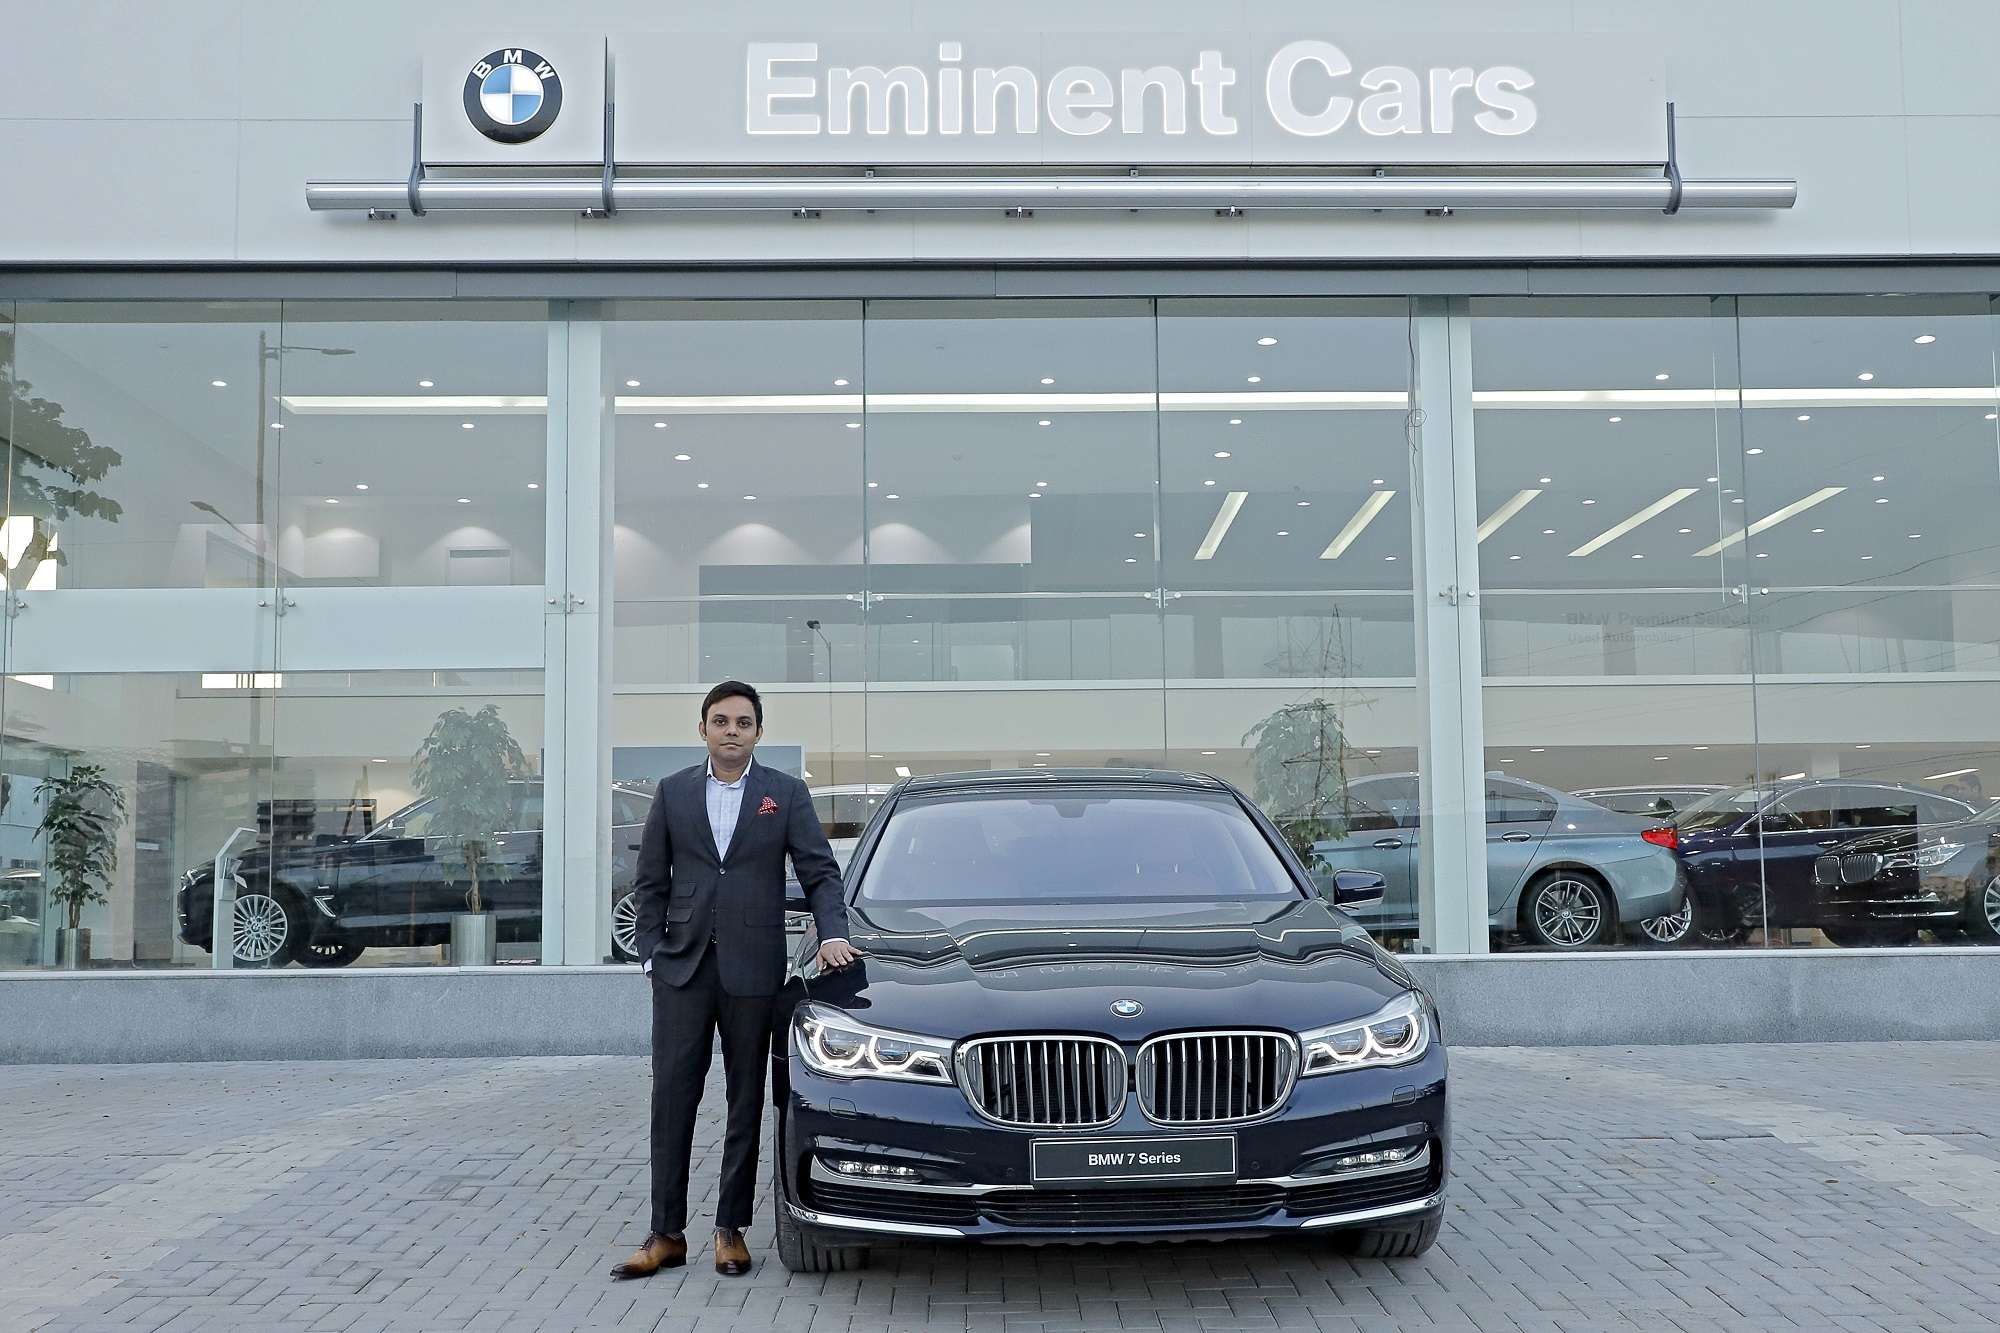 Bmw India Appoints Eminent Cars As Dealer Partner For Surat Auto News Et Auto